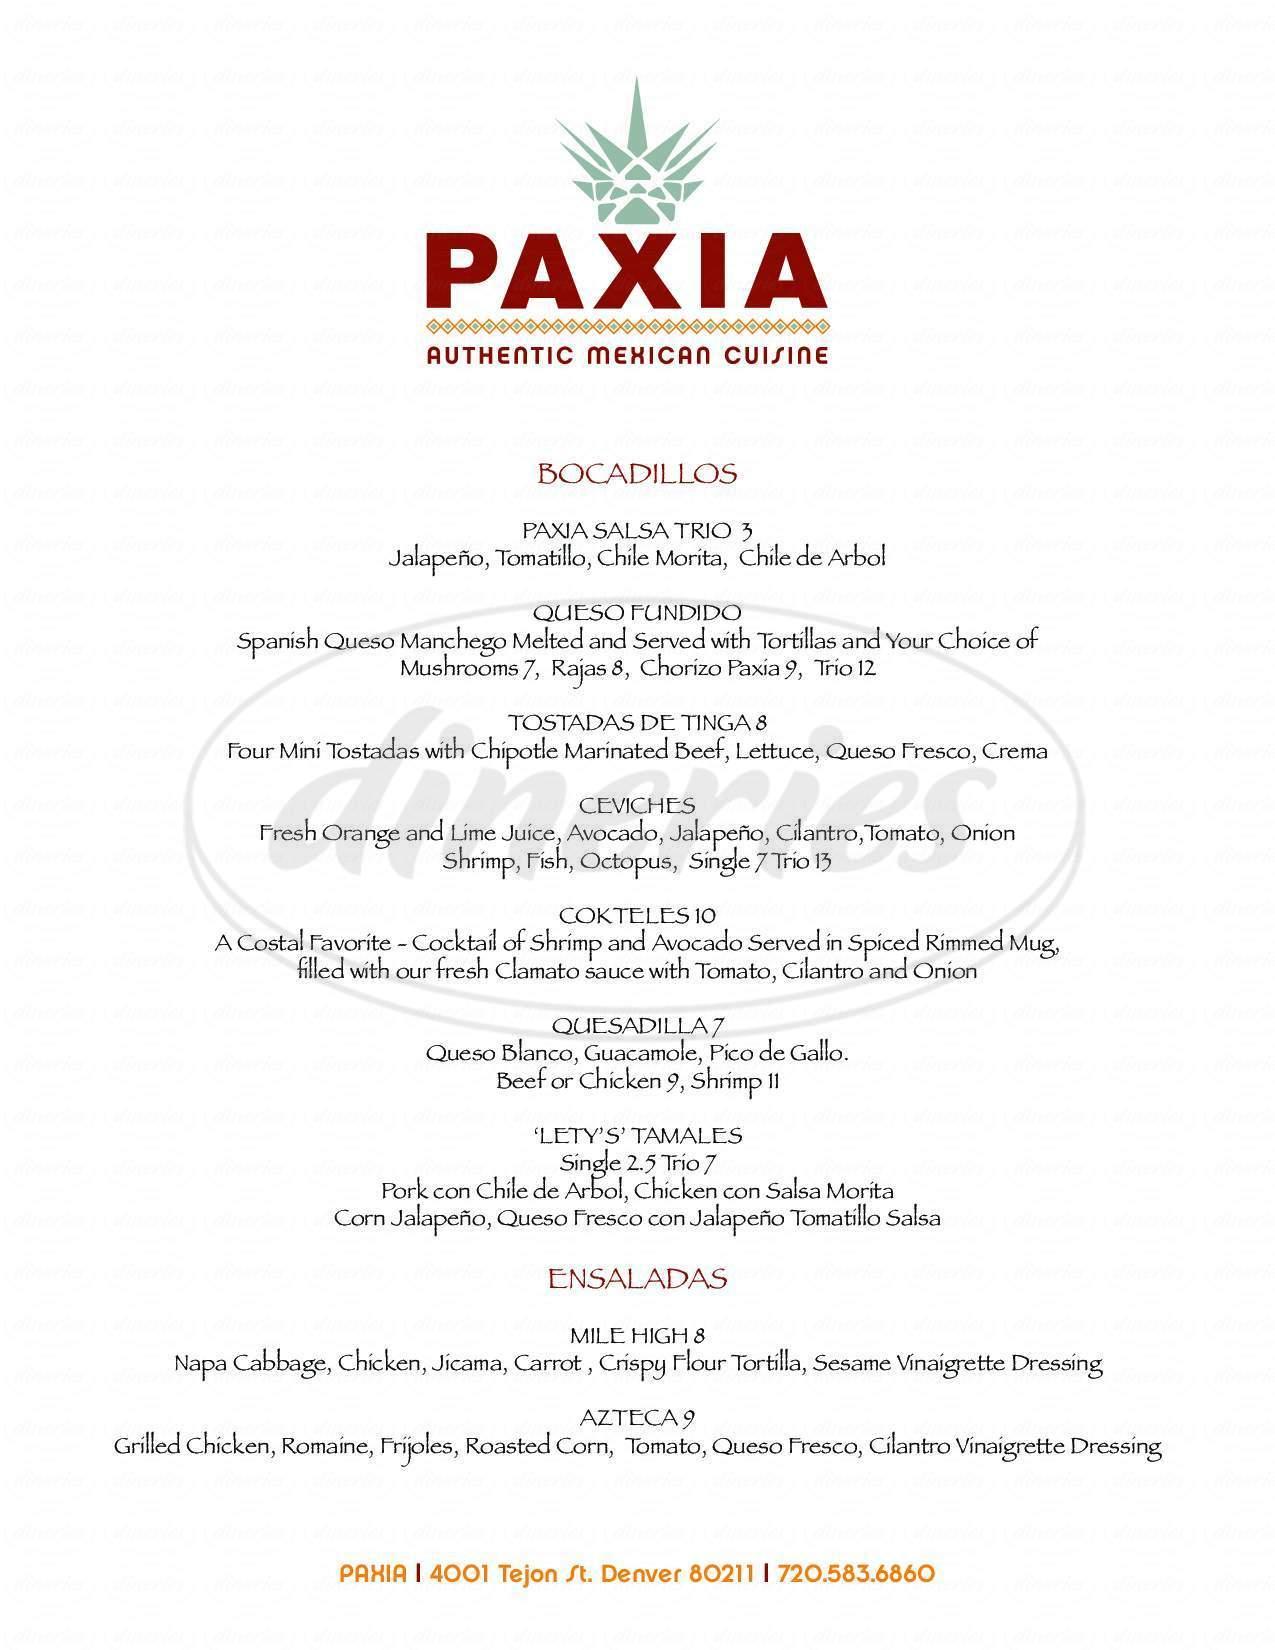 menu for Paxia - Alta Cocina Mexicana